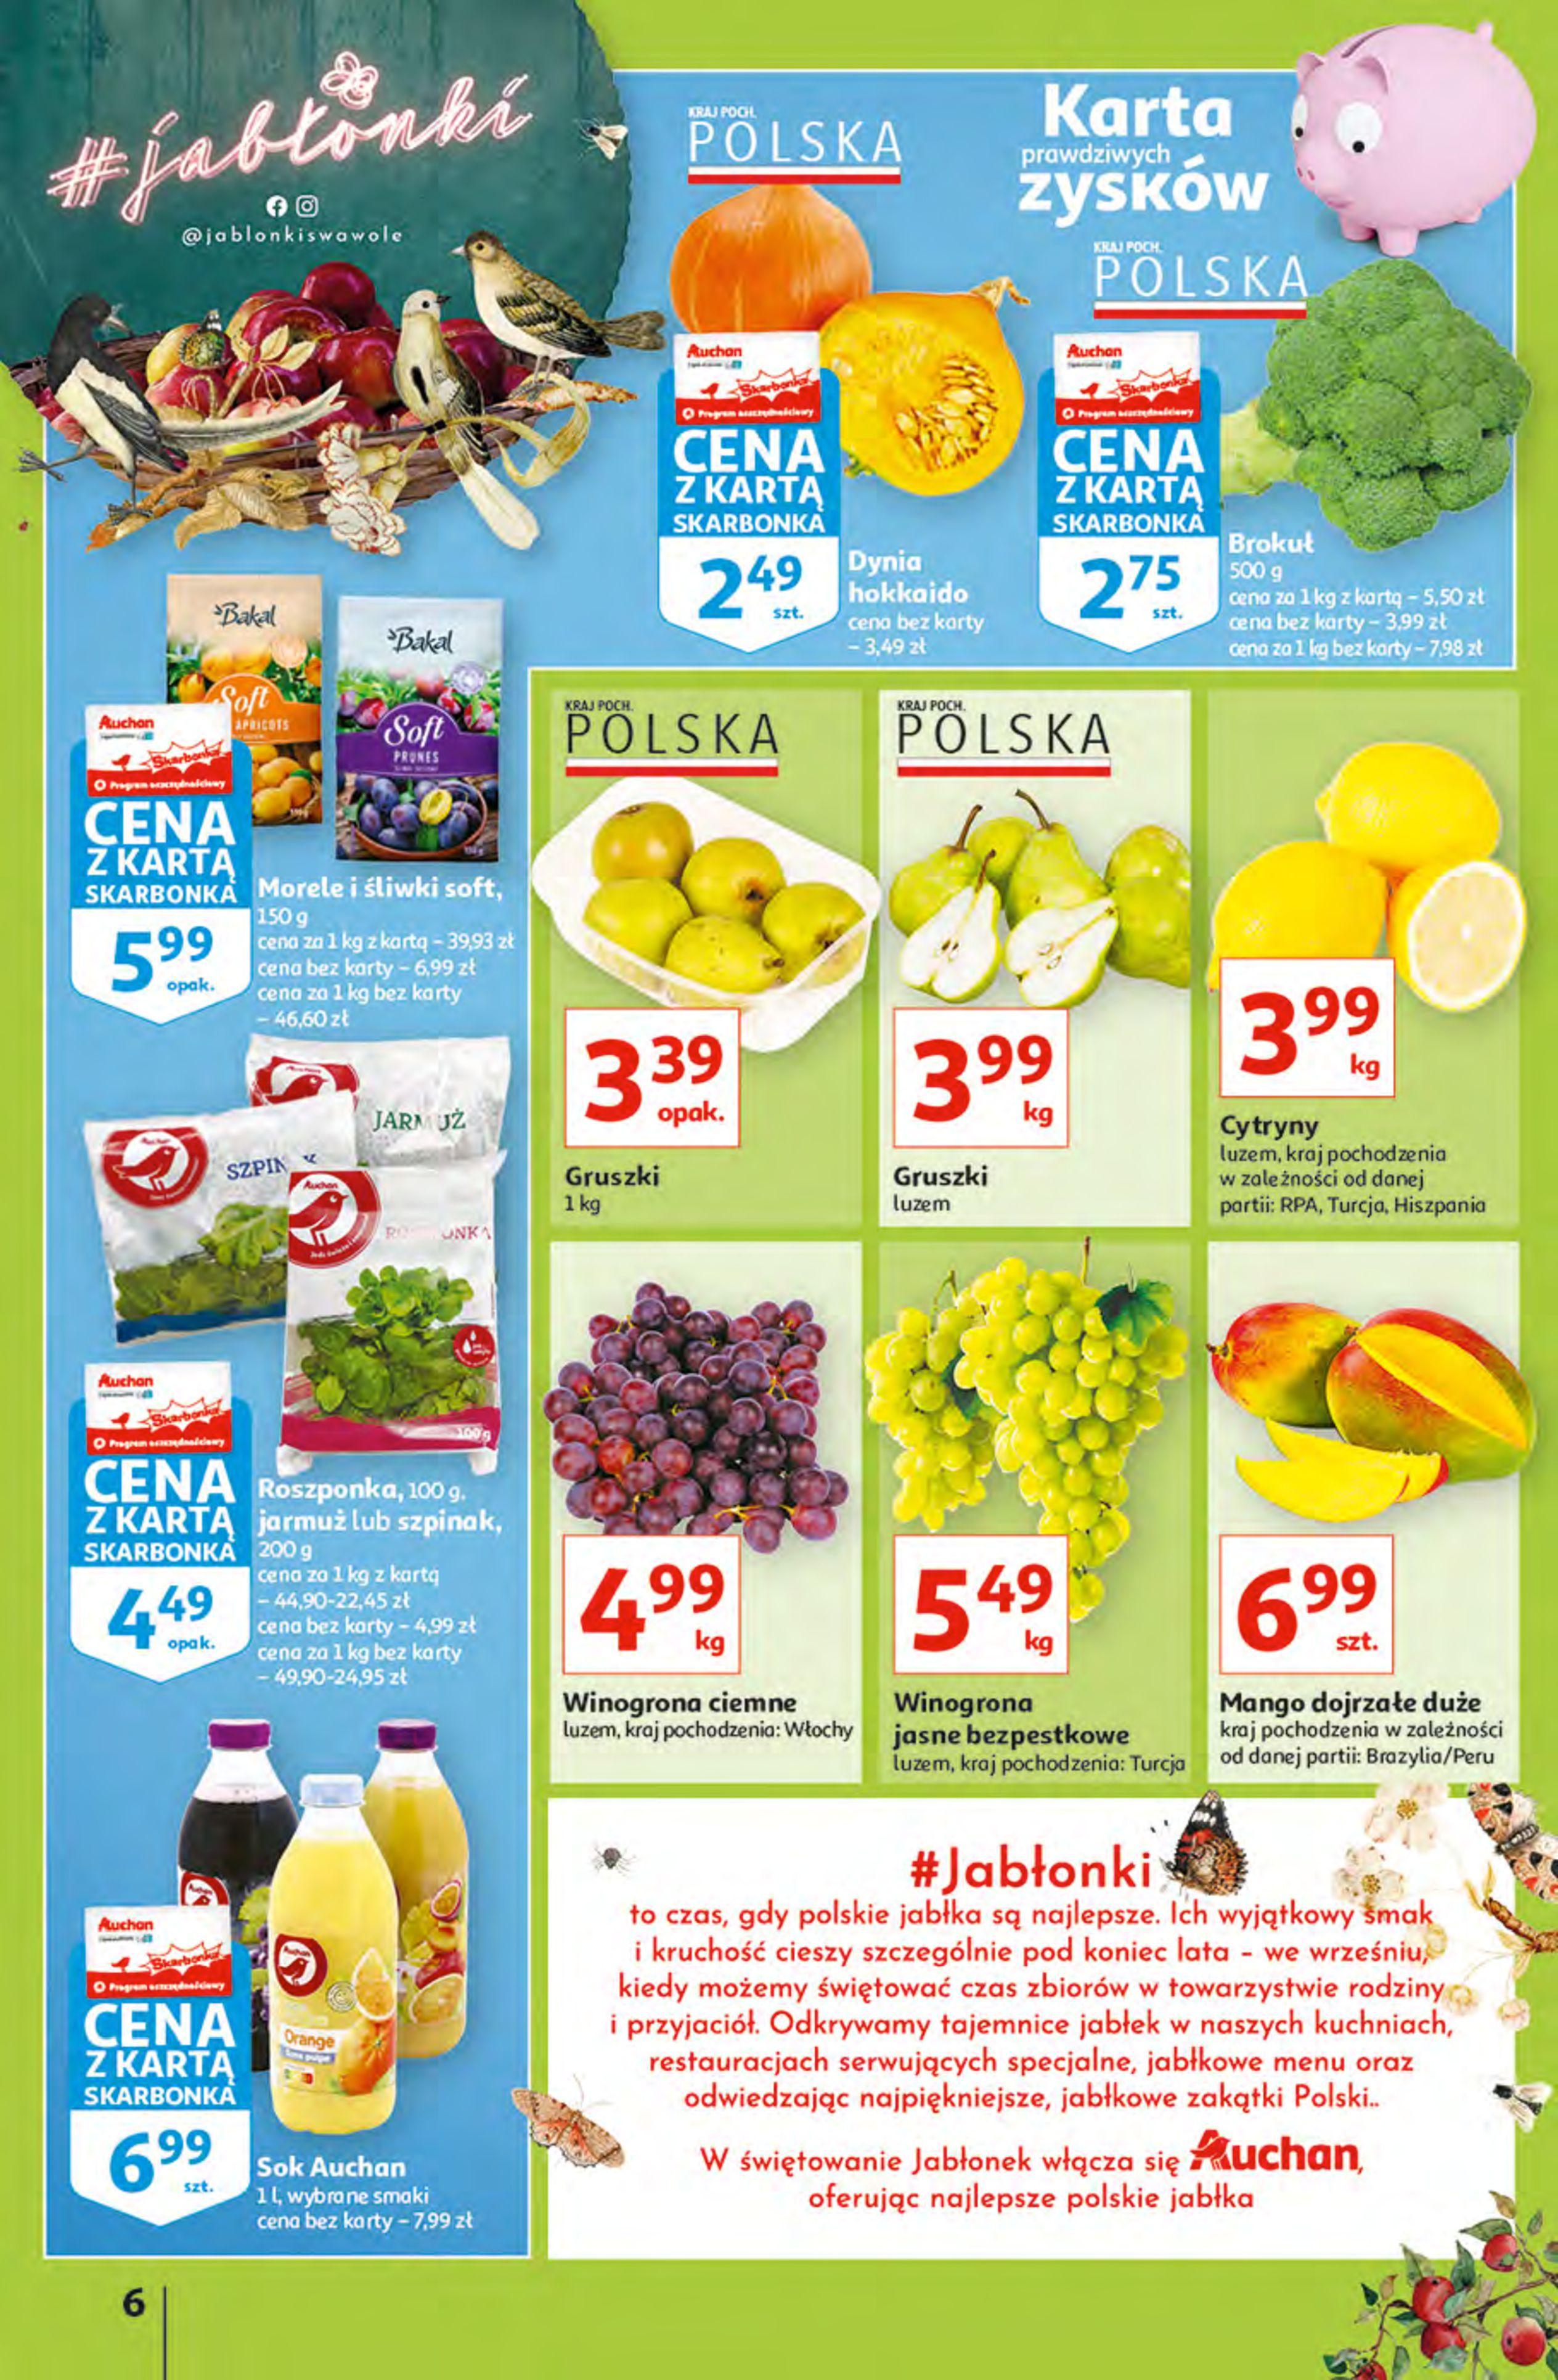 Gazetka Auchan: Gazetka Auchan - Hiperoszczędzanie z Kartą Skarbonka 2 Hipermarkety 2021-10-14 page-6